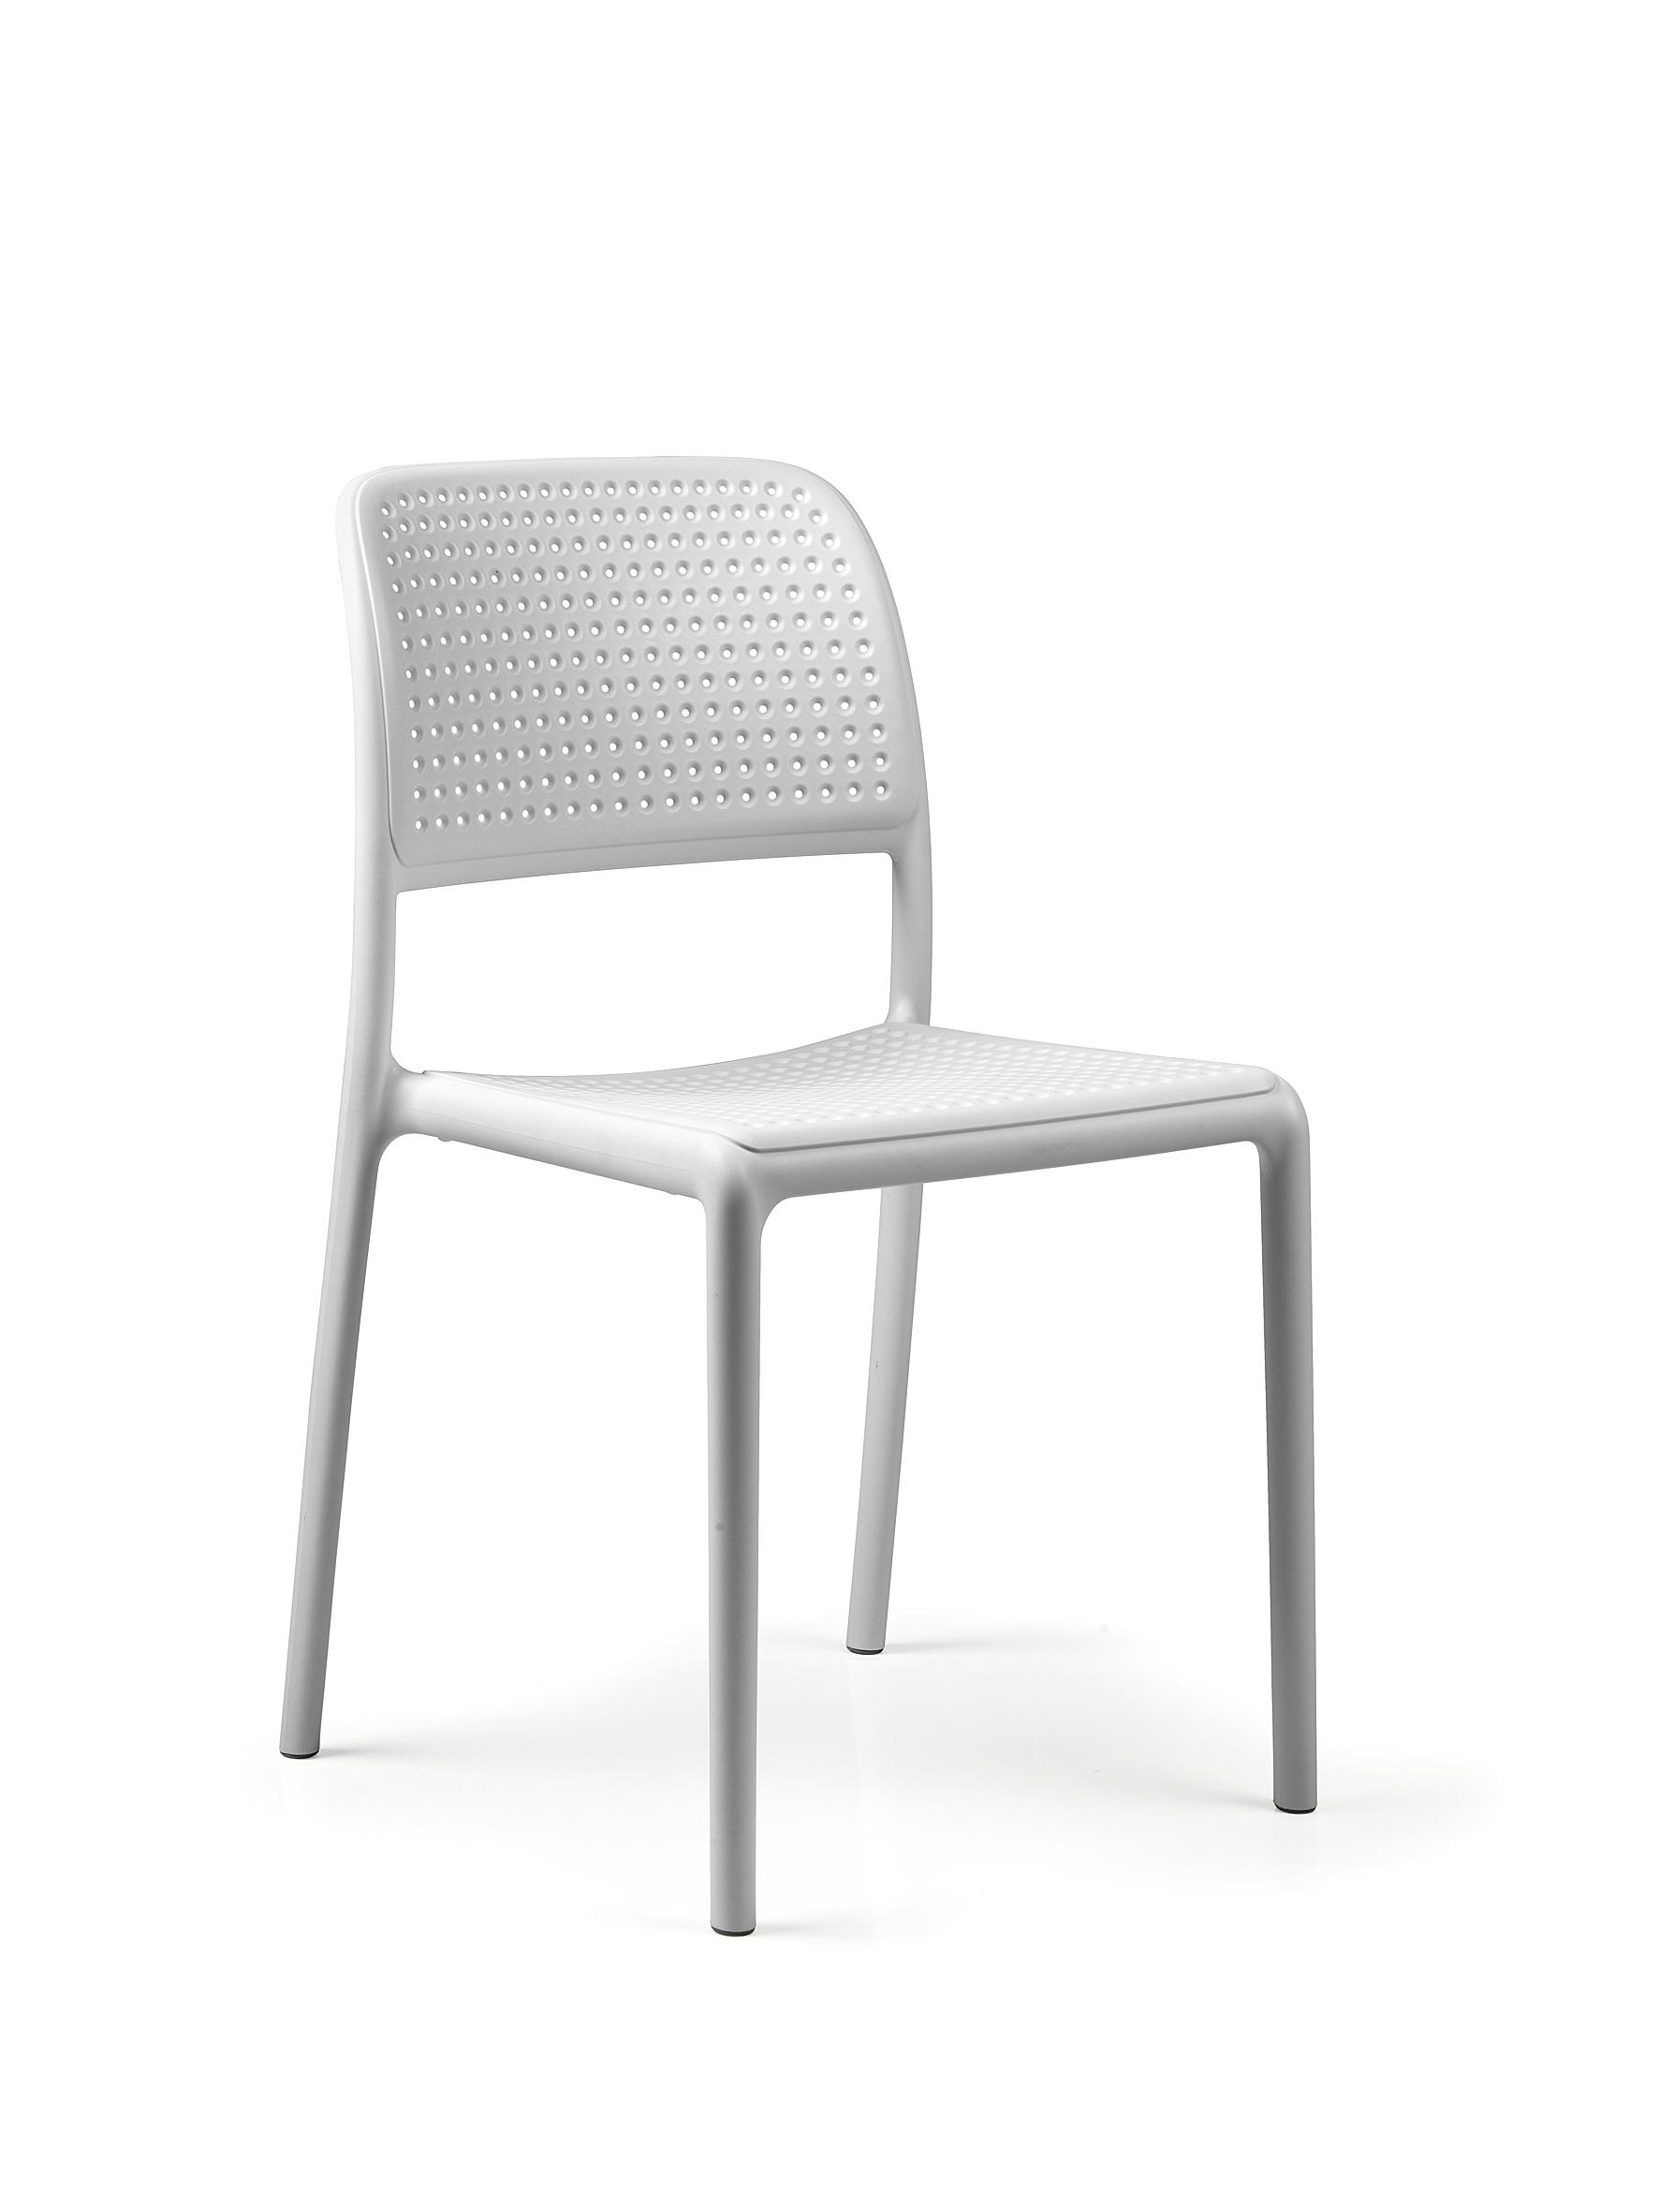 kunststoff stuhl modell bora bistrot kunststoff st hle outdoor terrassen m bel gastroline24. Black Bedroom Furniture Sets. Home Design Ideas